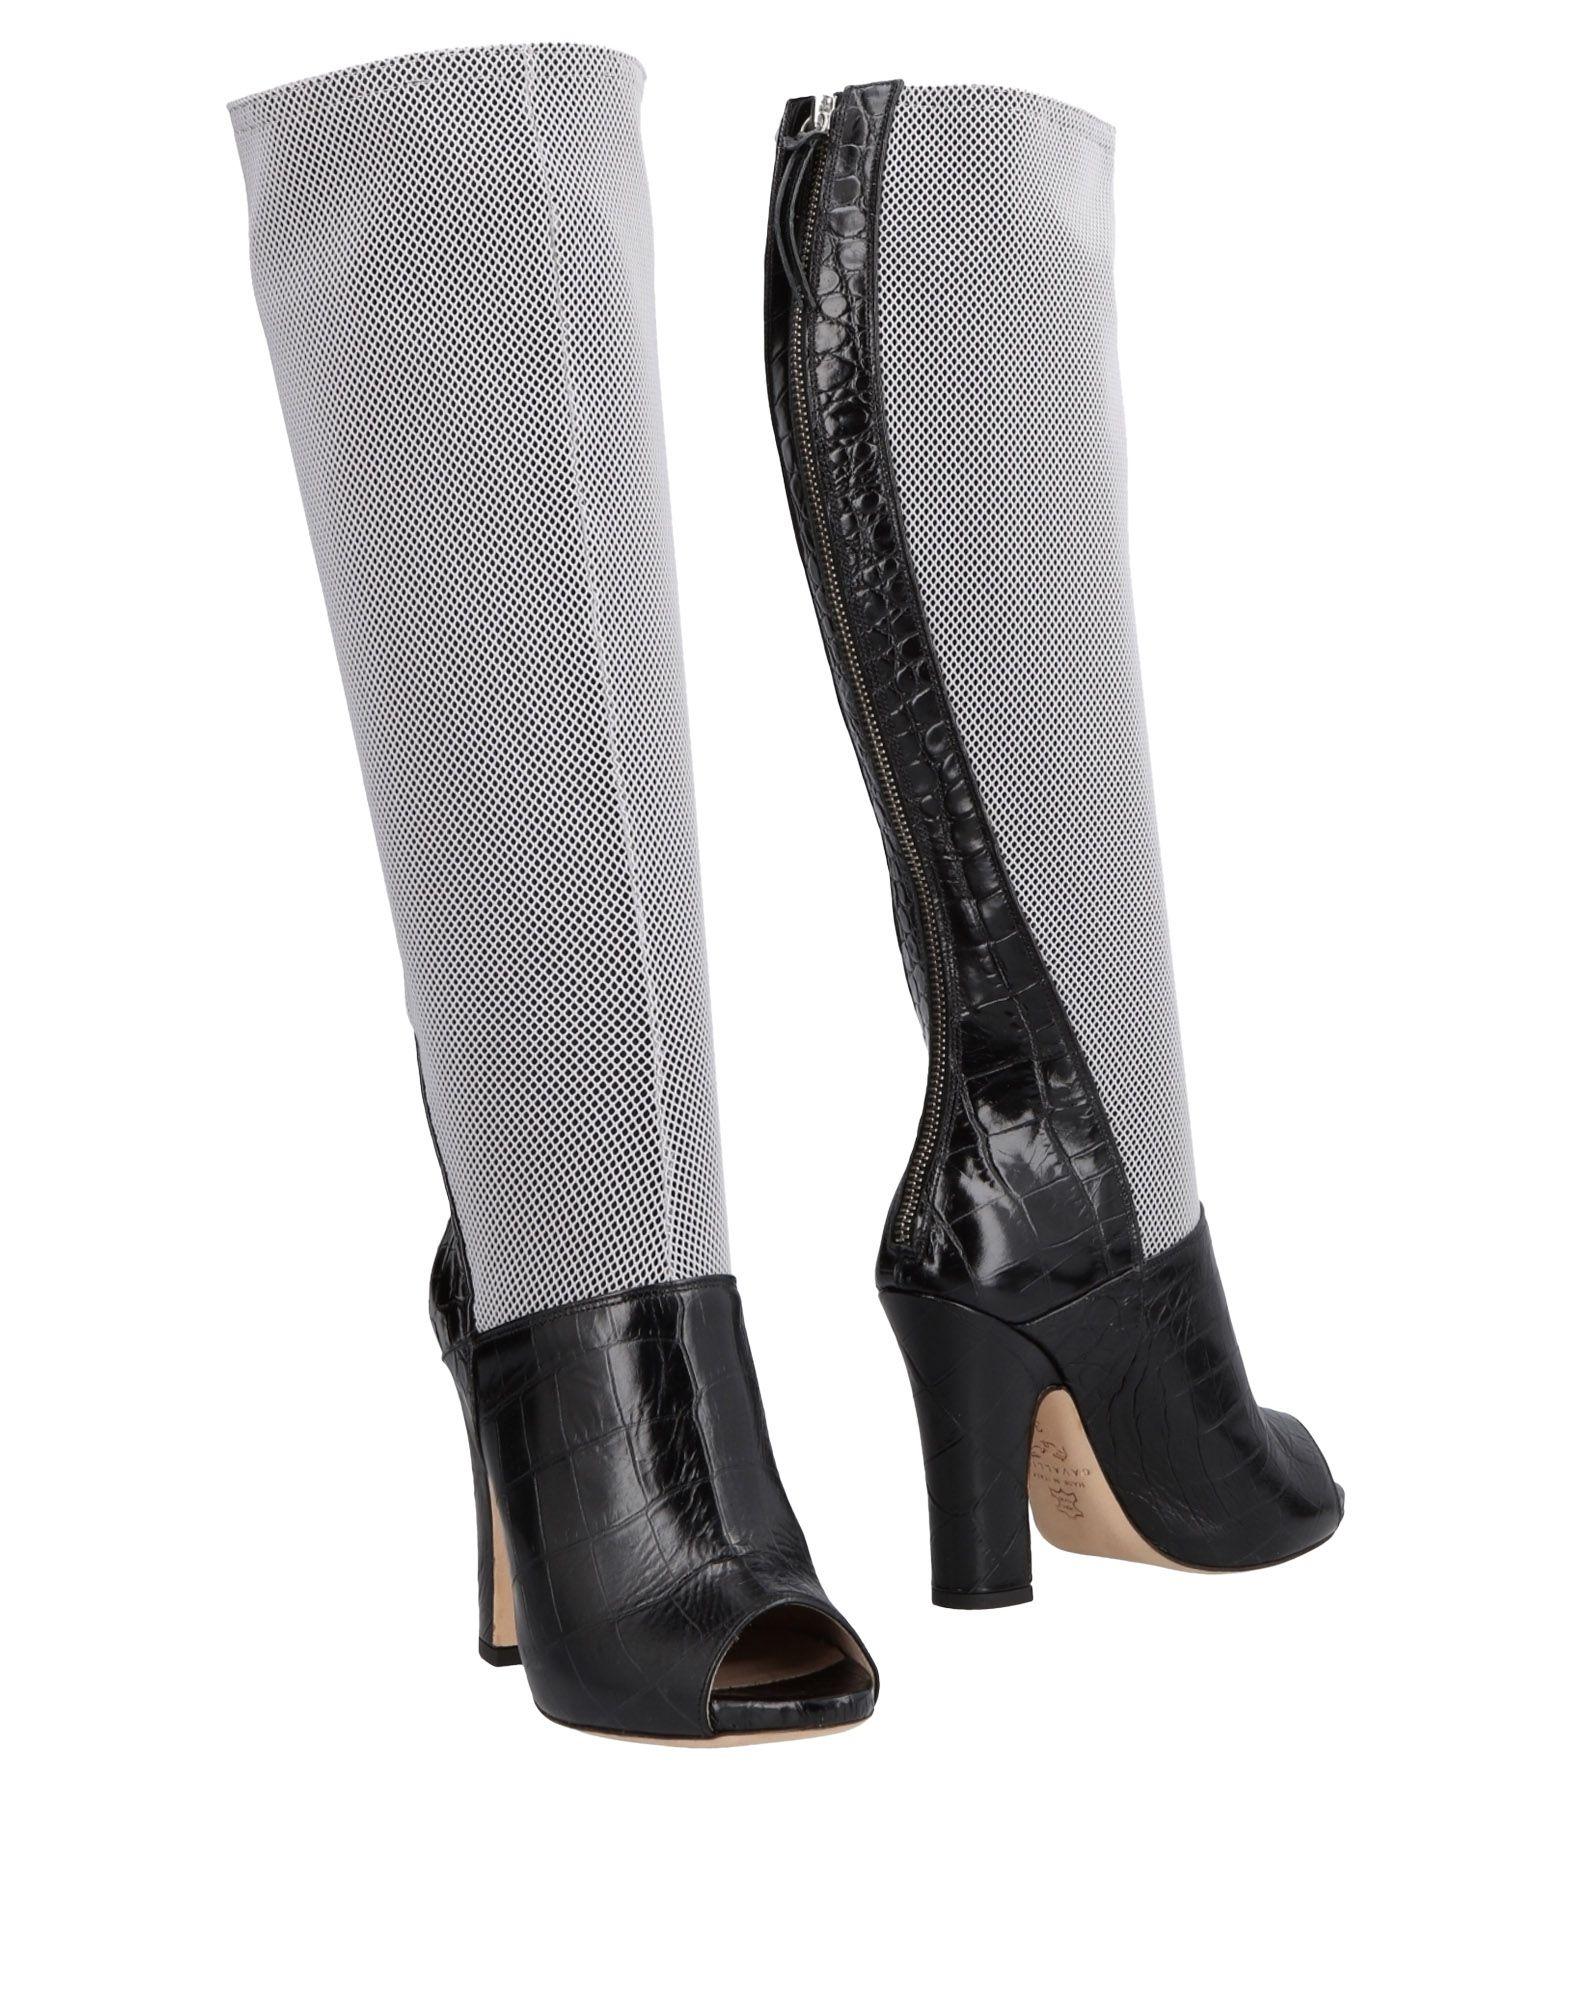 Stilvolle billige  Schuhe Cavallini Stiefel Damen  billige 11484159WF 6f9472